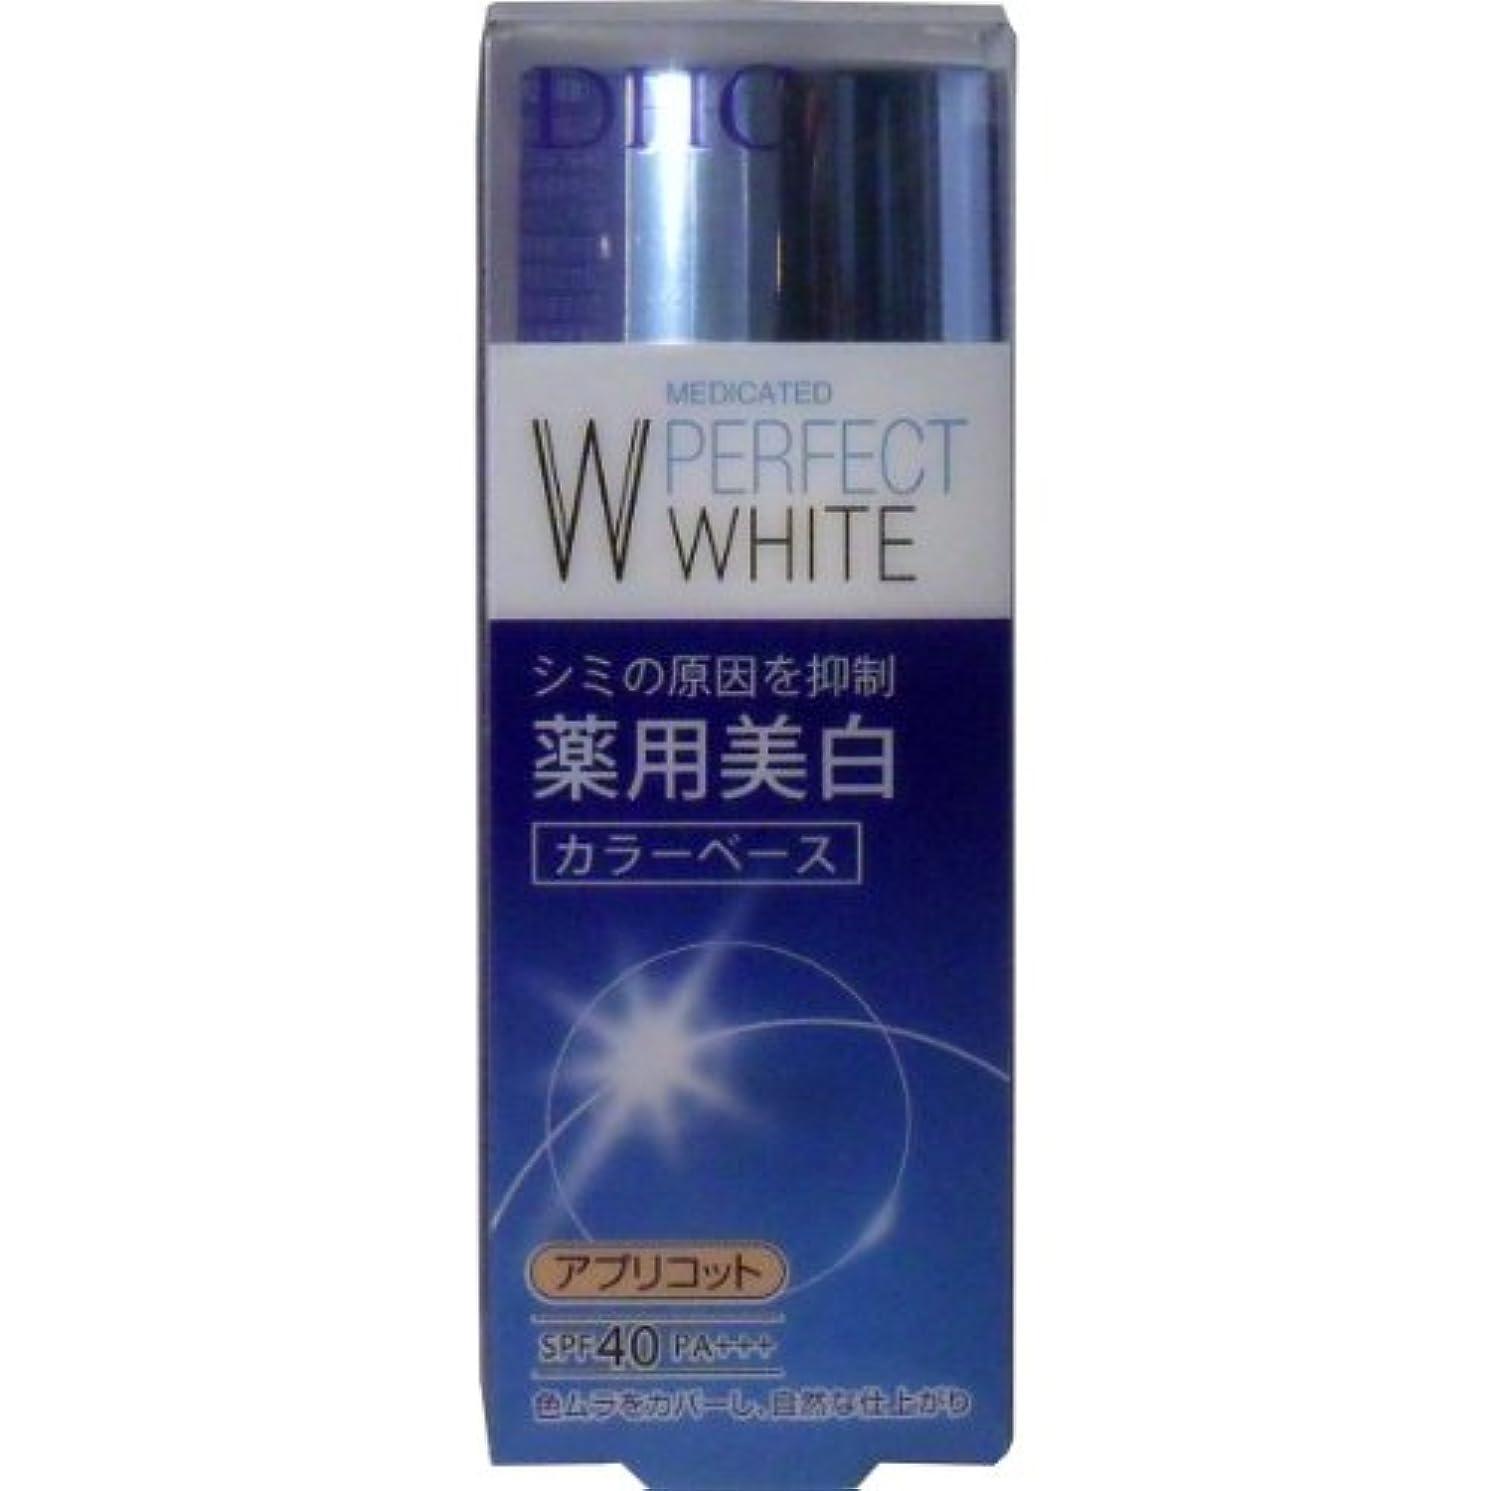 保存タンザニア子猫DHC 薬用美白パーフェクトホワイト カラーベース アプリコット 30g (商品内訳:単品1個)